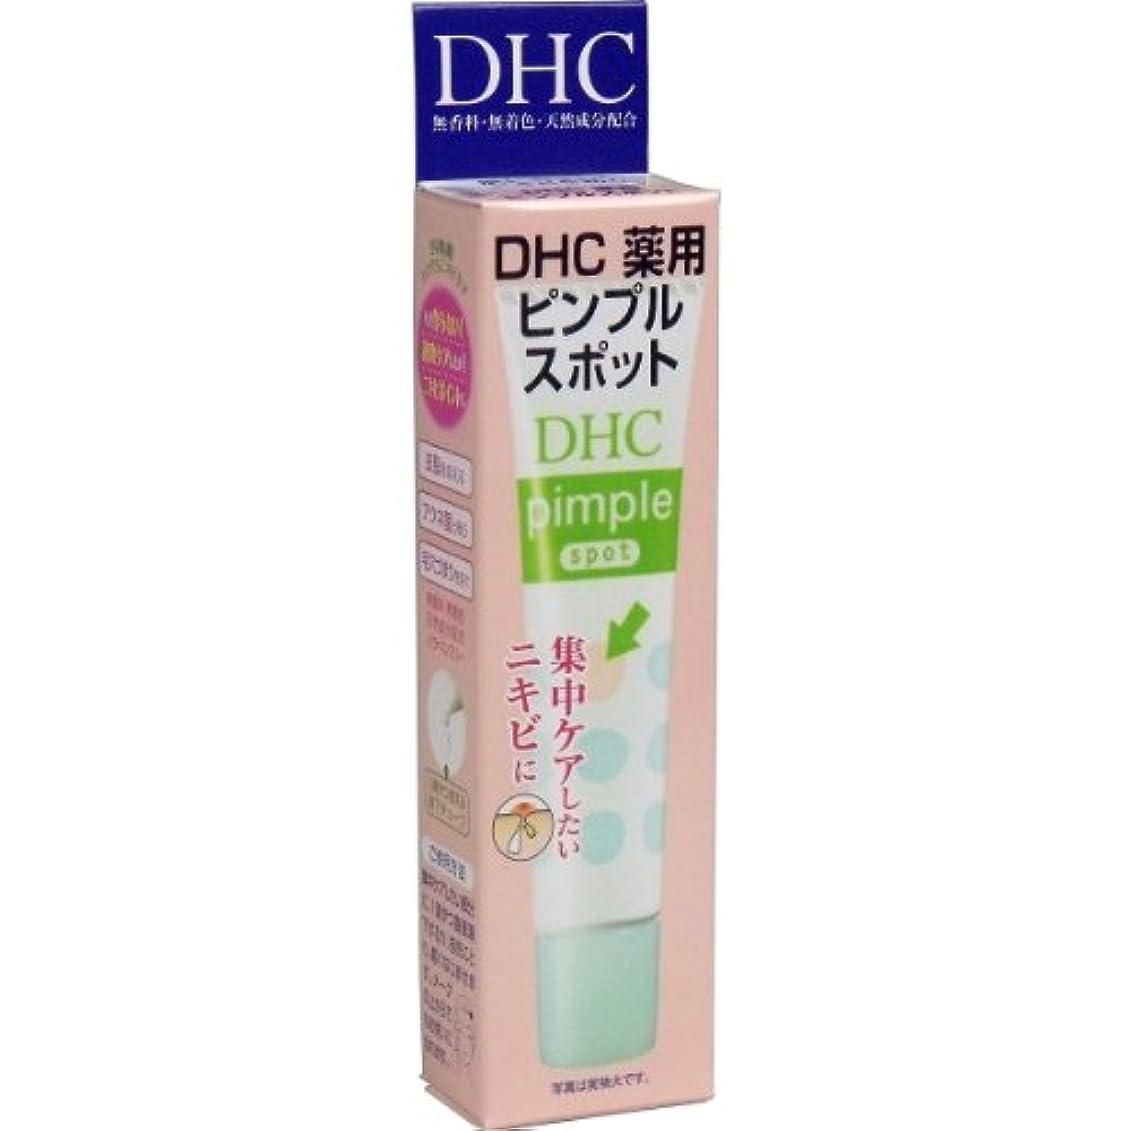 楽観パノラマ洗剤【DHC】DHC 薬用ピンプルスポット 15ml ×5個セット